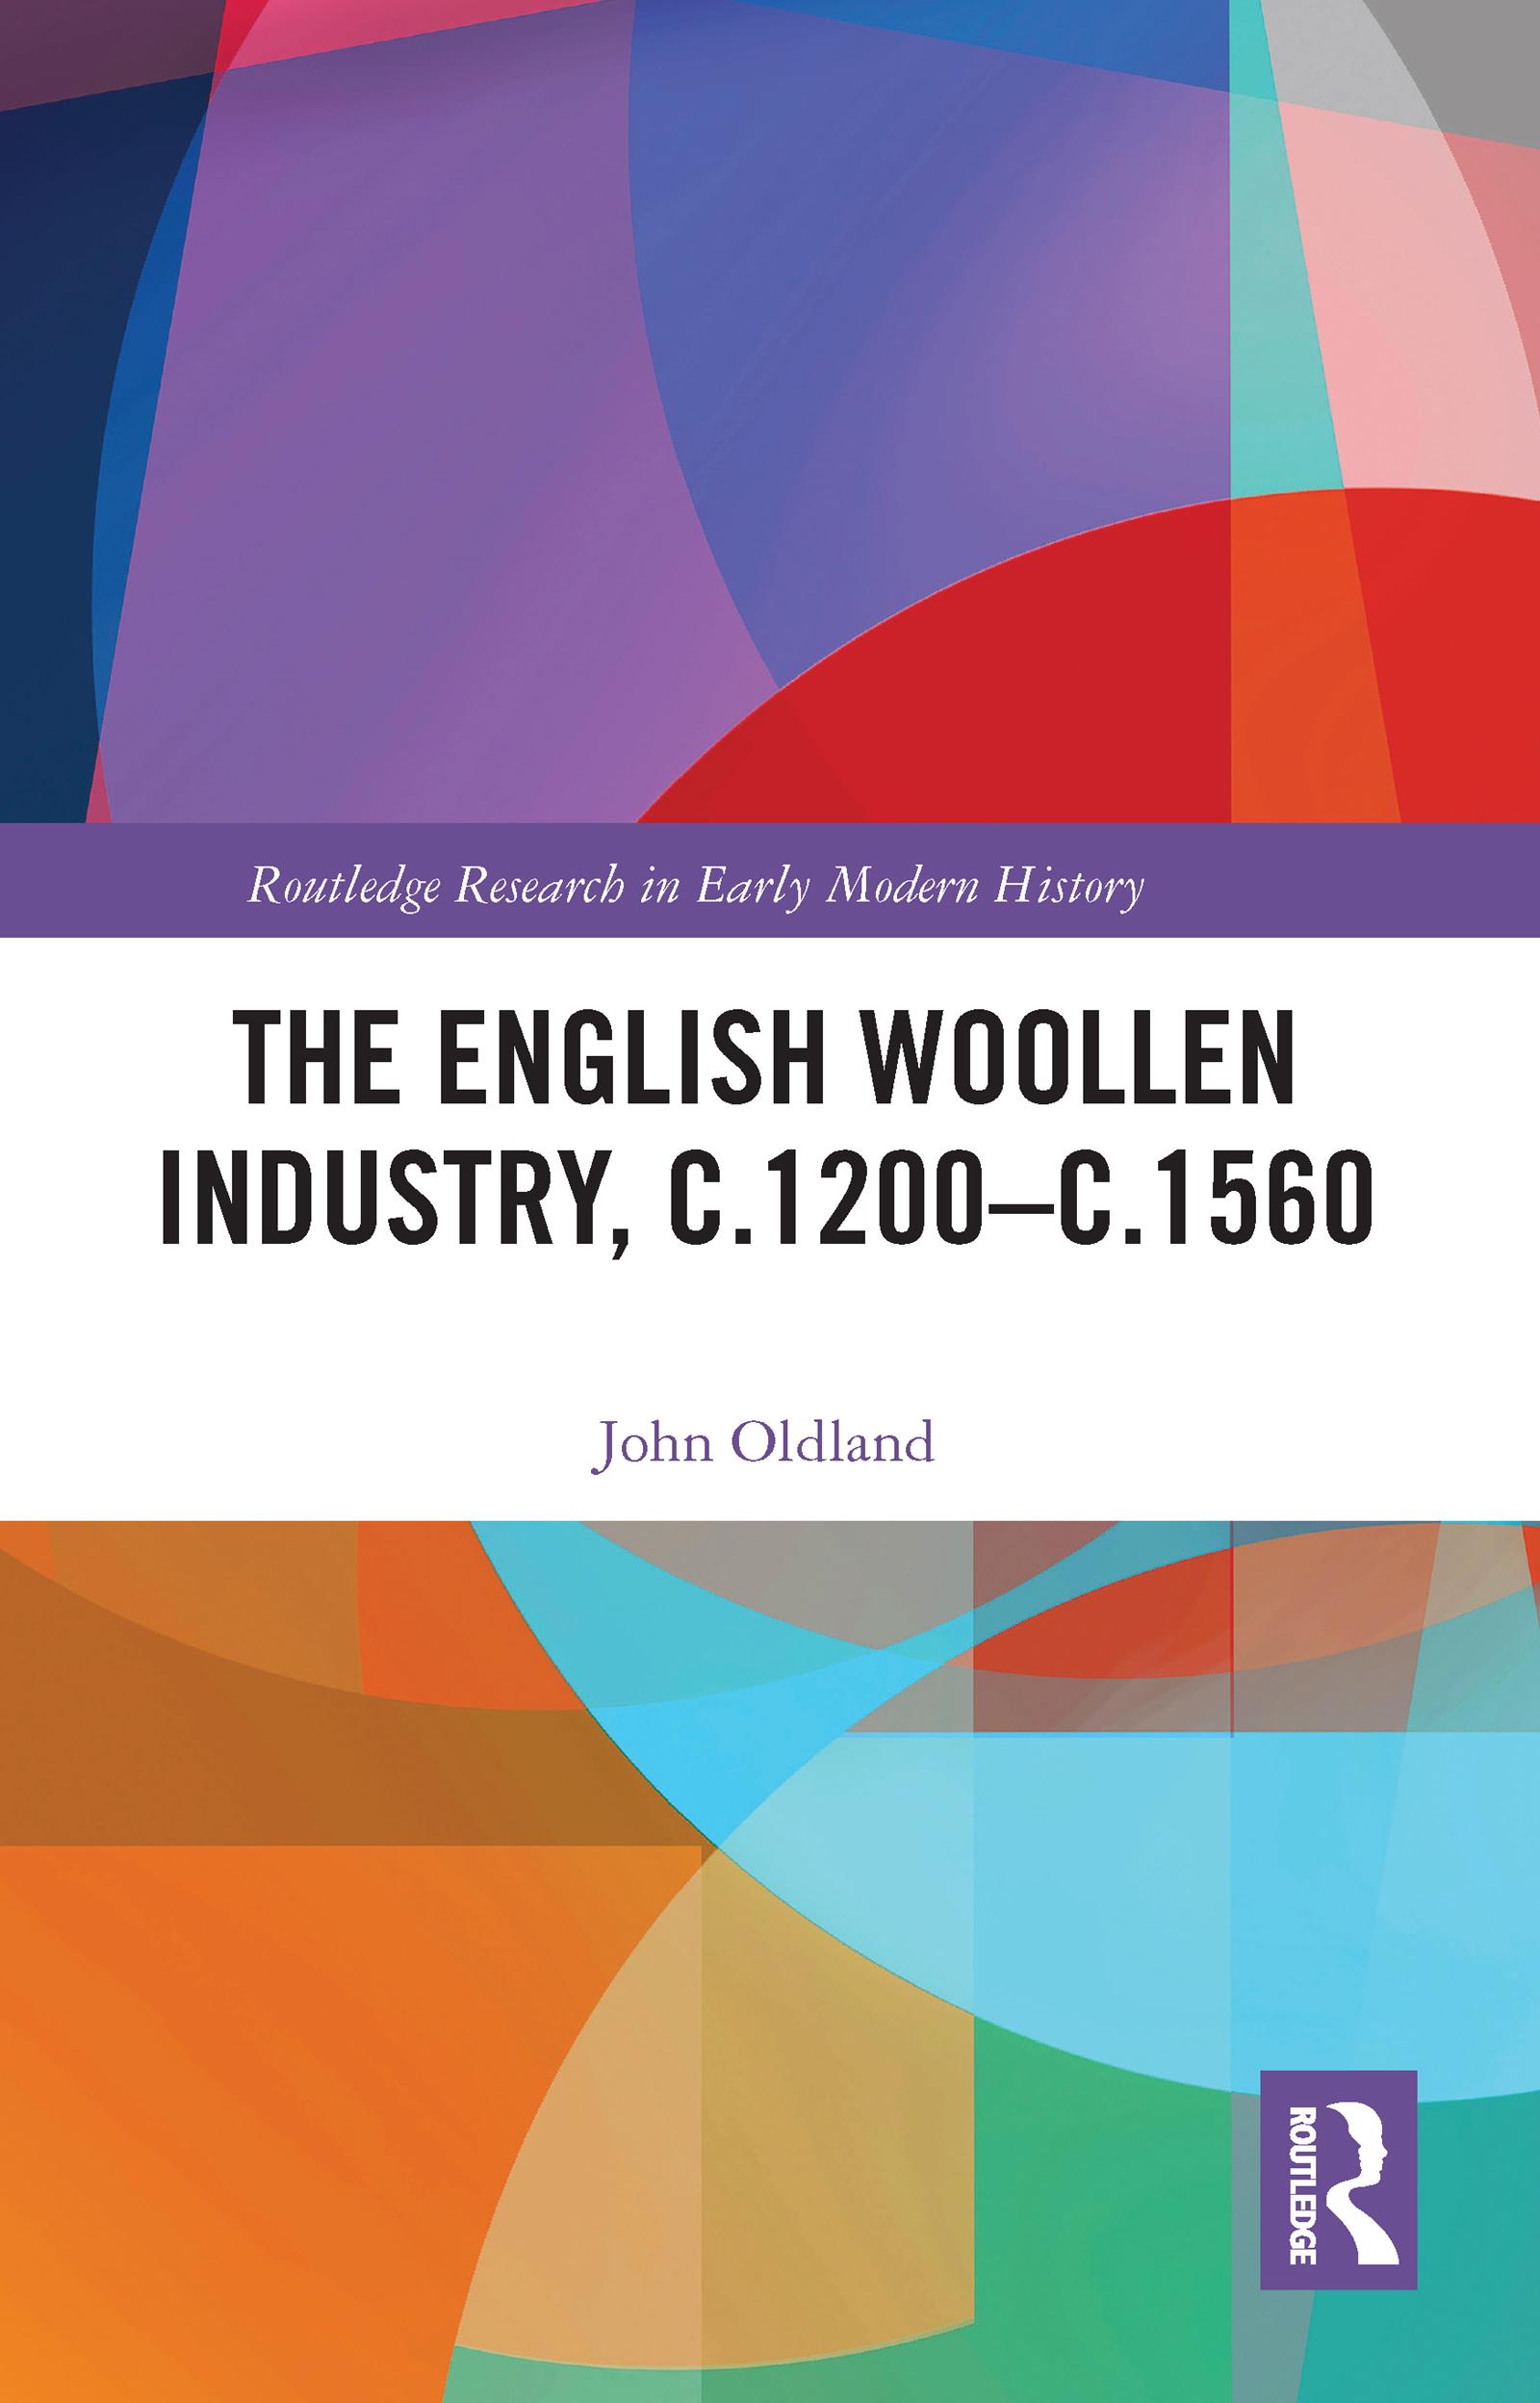 The English Woollen Industry, c.1200-c.1560